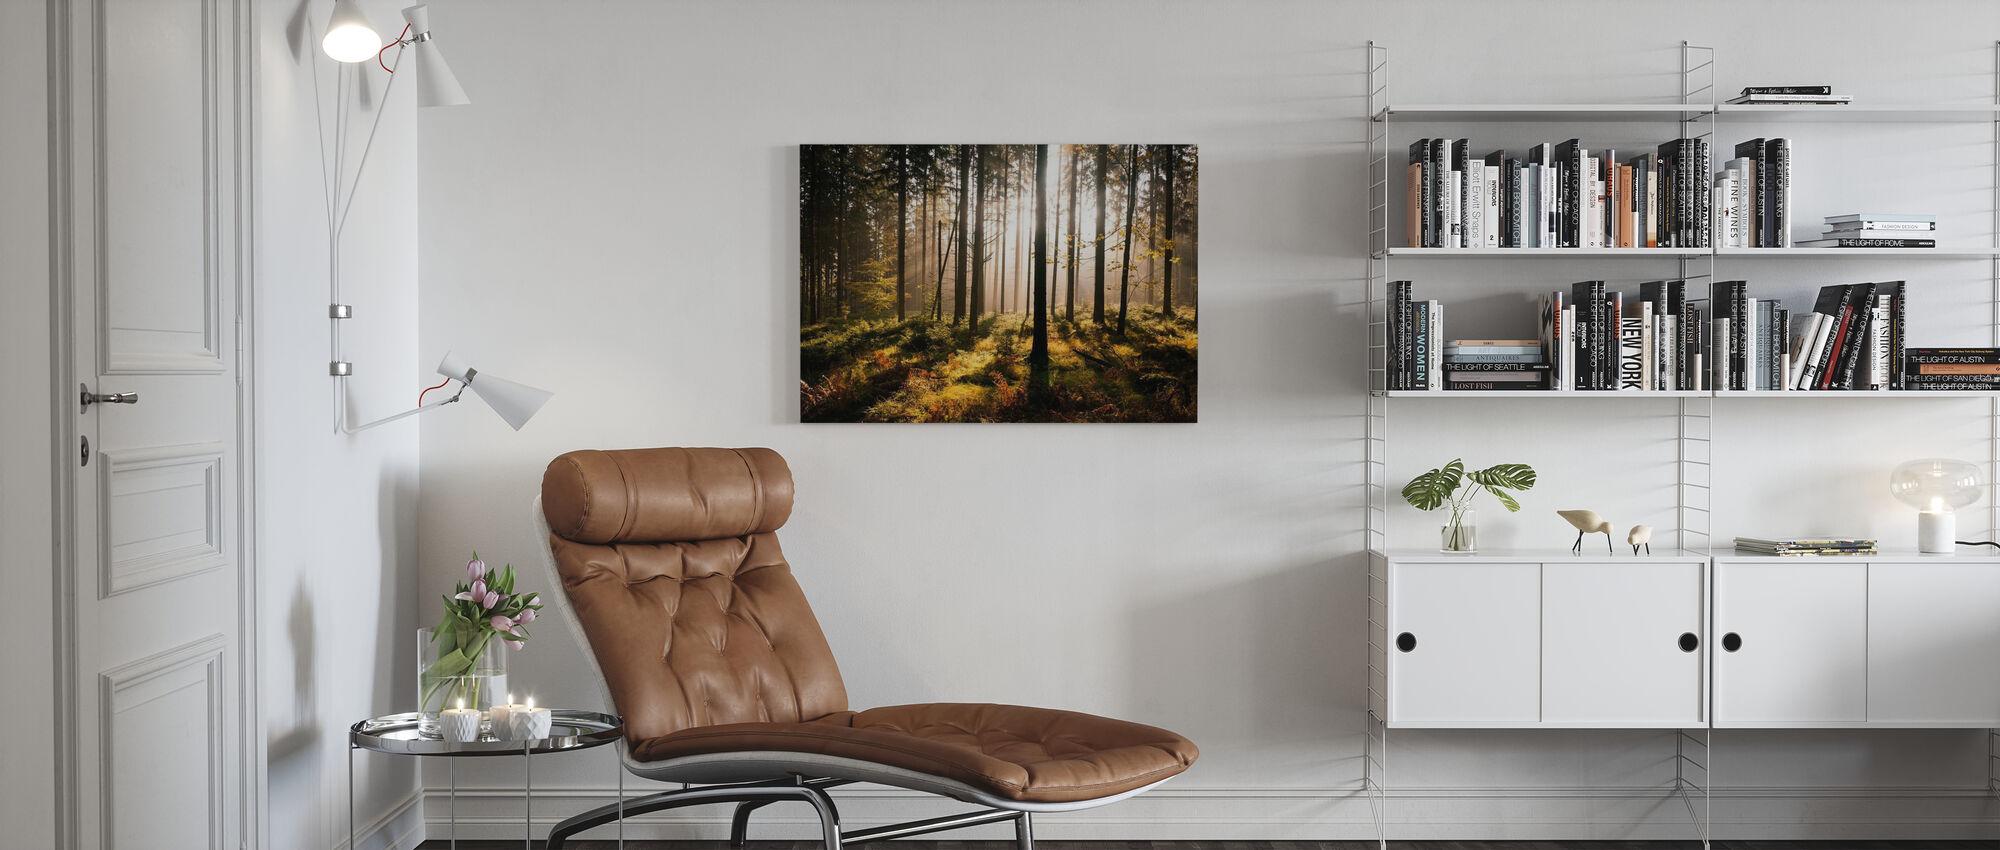 Syksy metsä auringonsäteiden kanssa - Canvastaulu - Olohuone